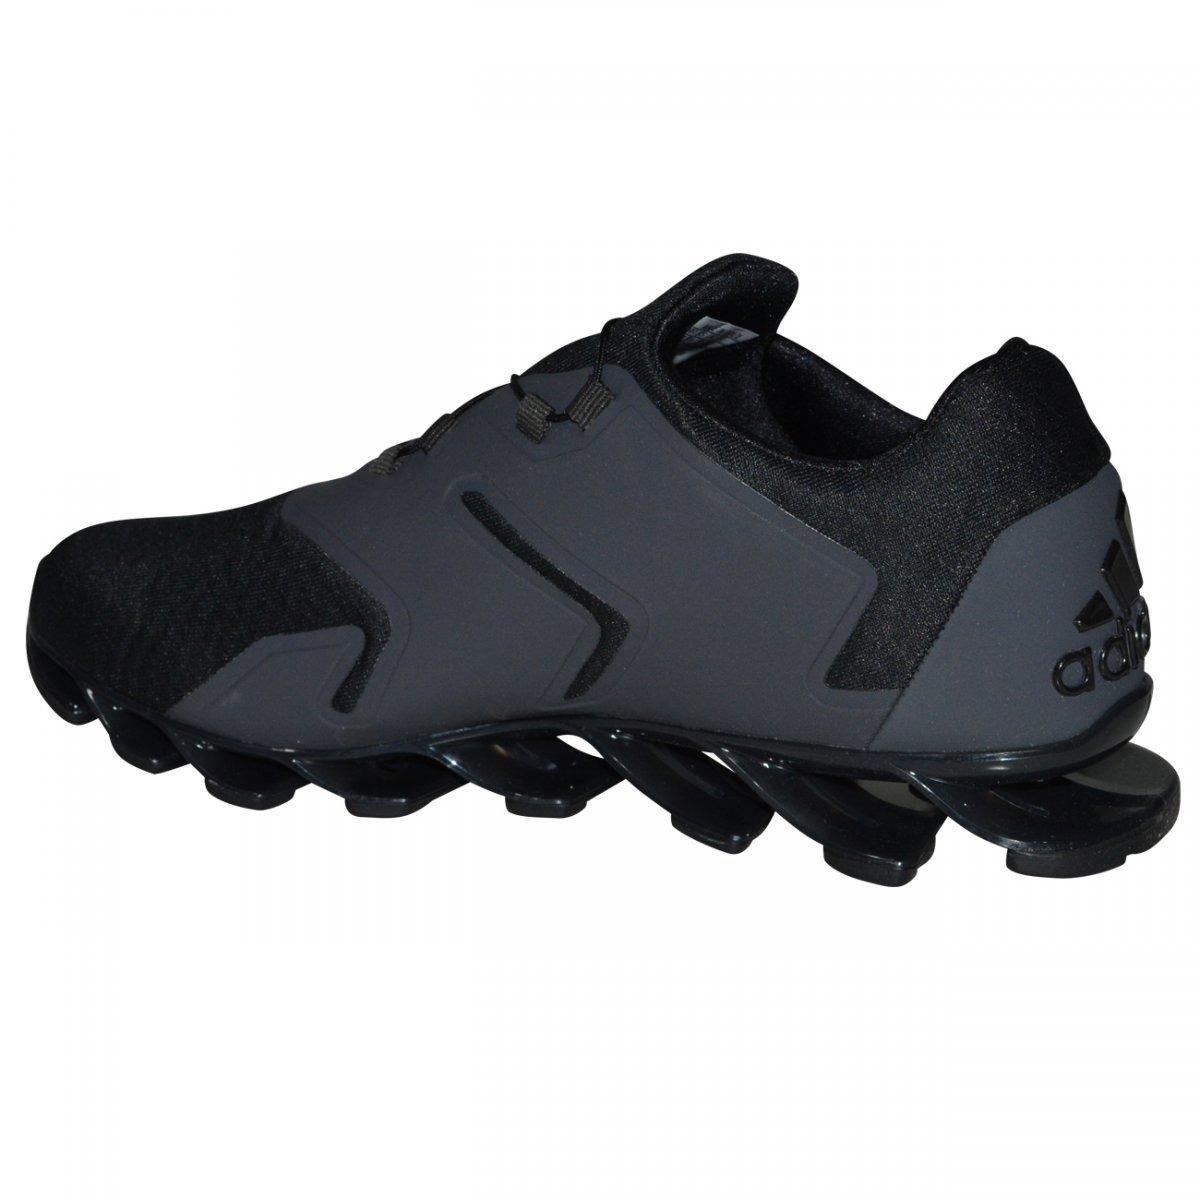 hot sale online de999 093ce reduced adidas springblade m 4f62b ed40b